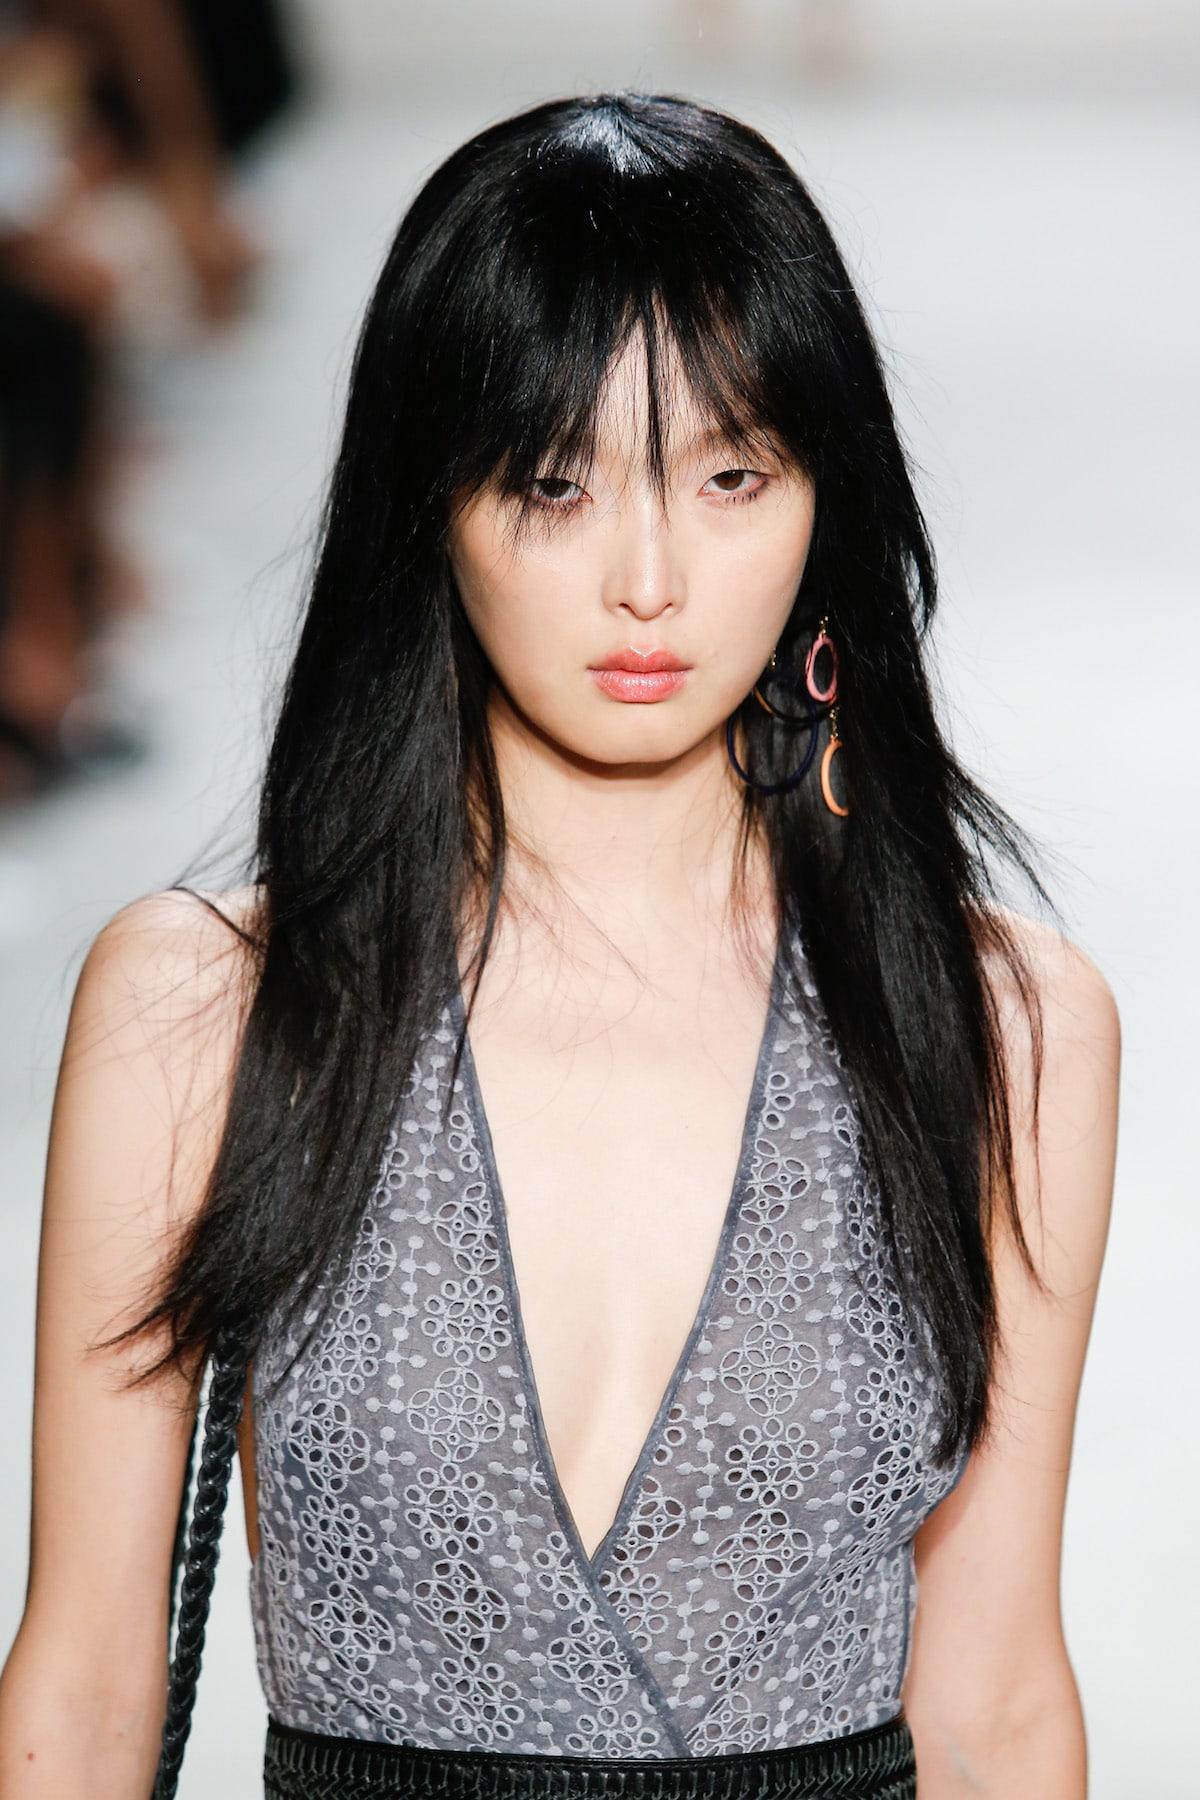 Wanita asia dengan poni panjang see through bangs